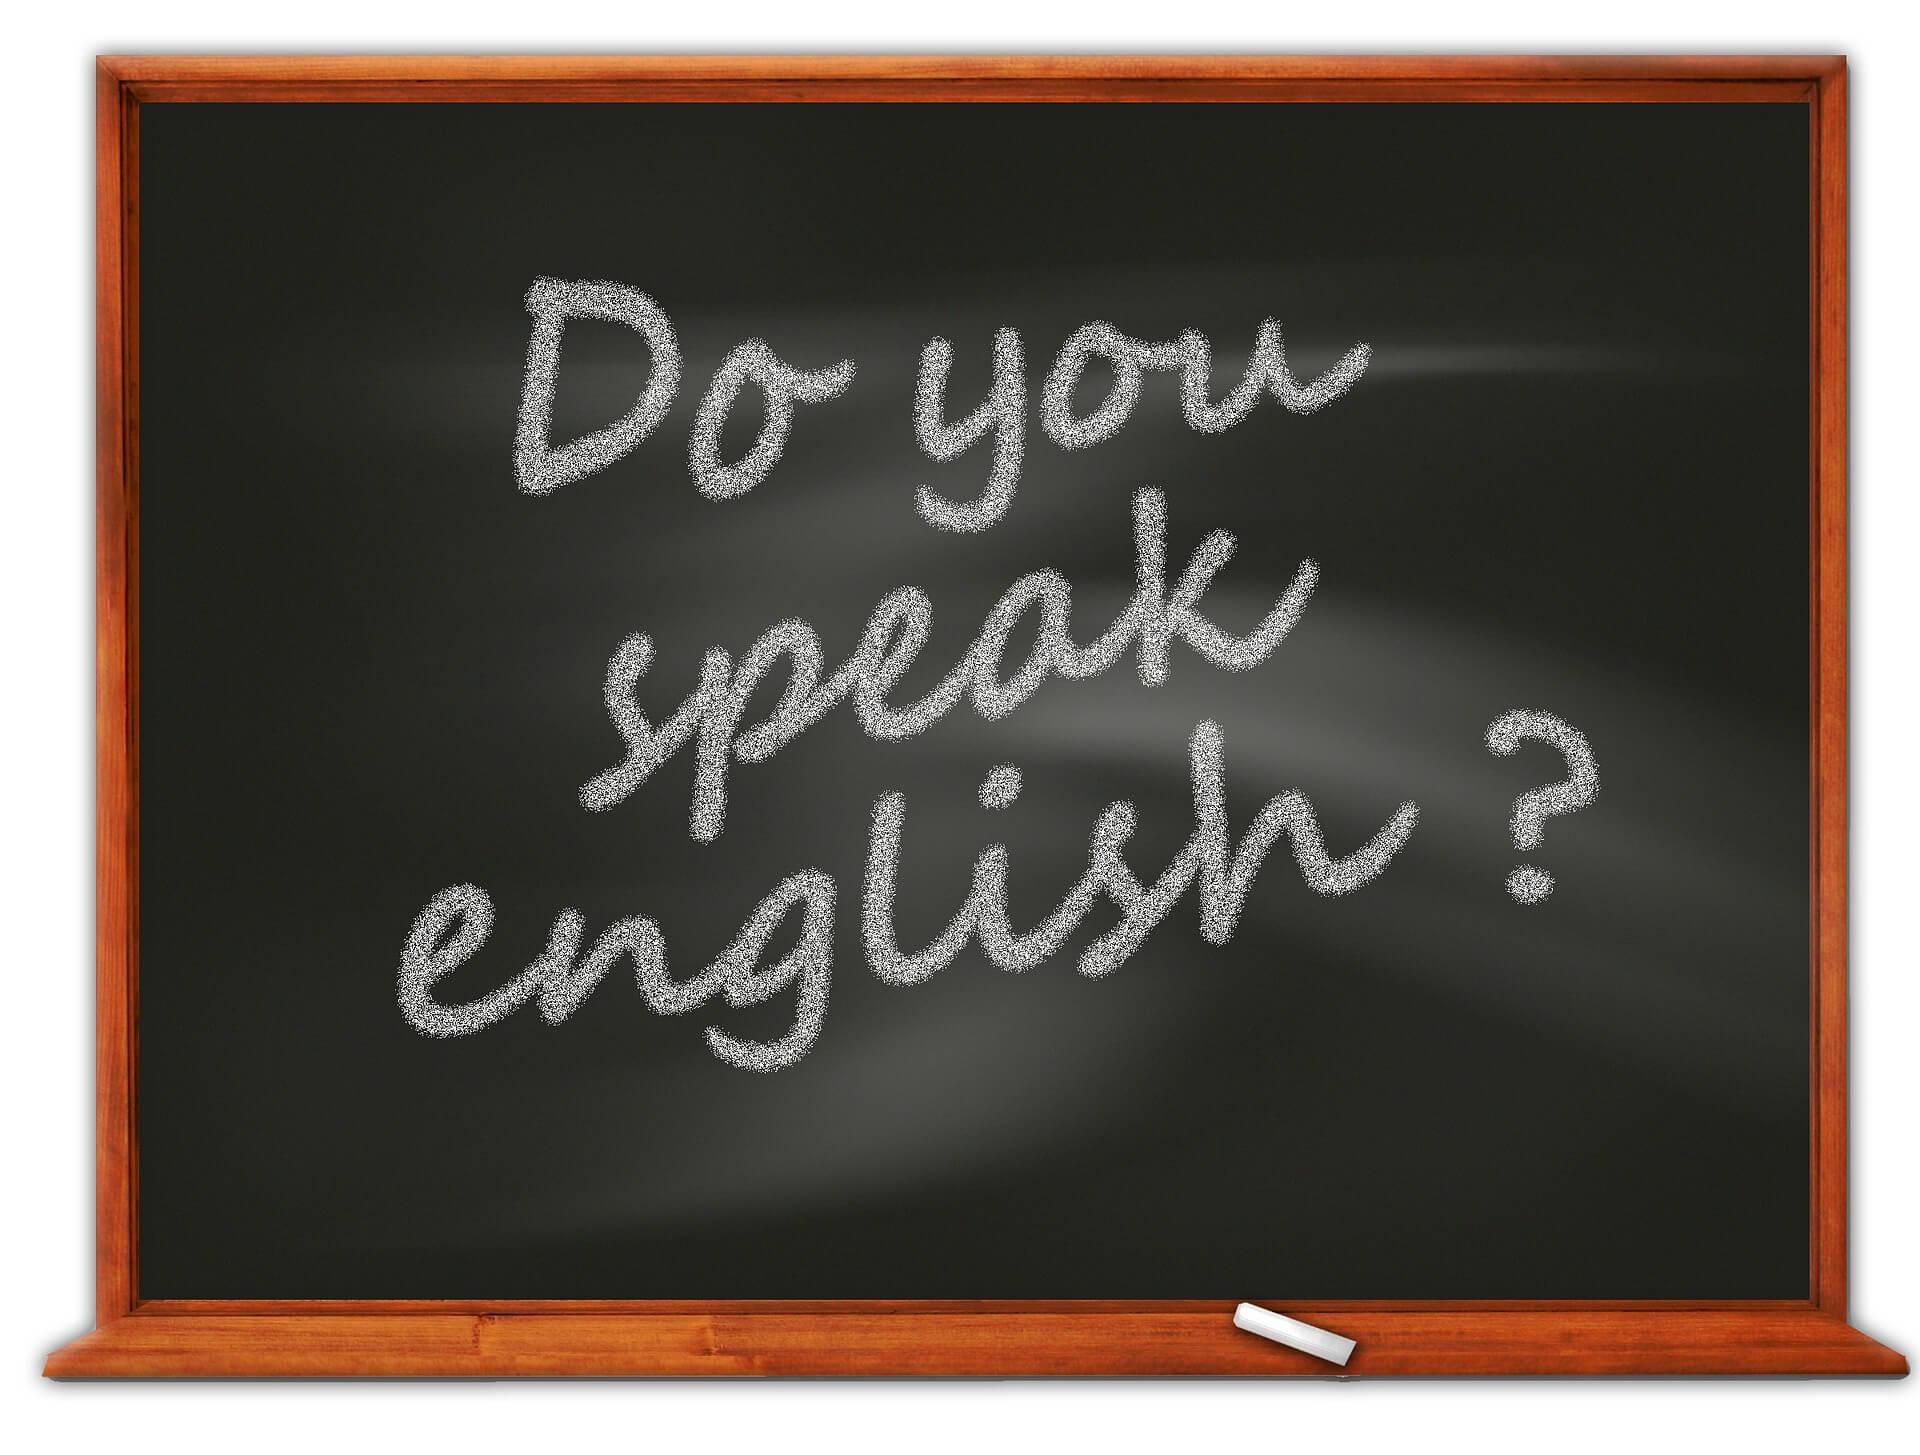 Cursos de inglés en Youtube